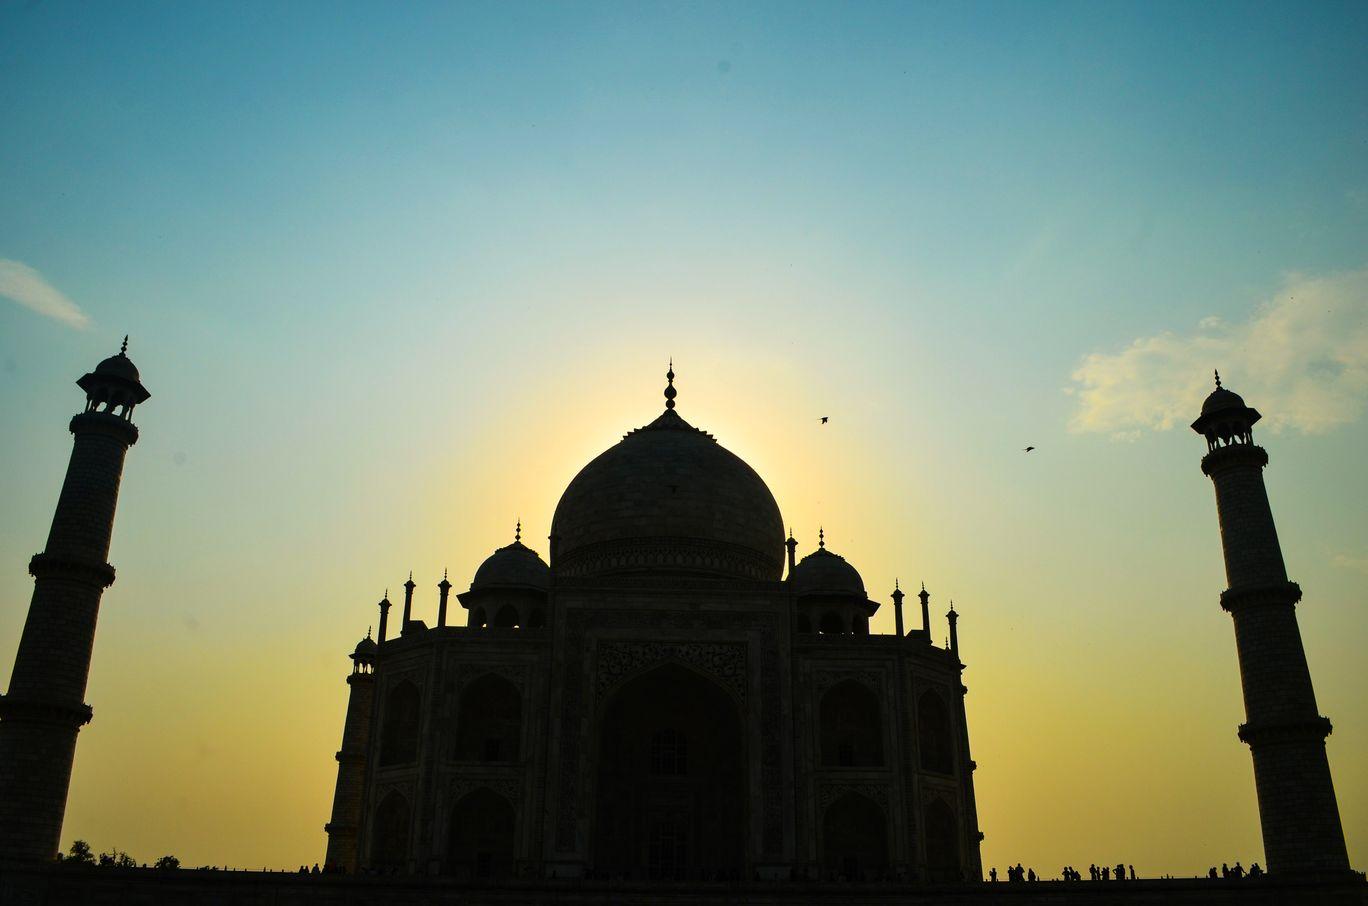 Photo of Taj Mahal By Anubhab Sarmah